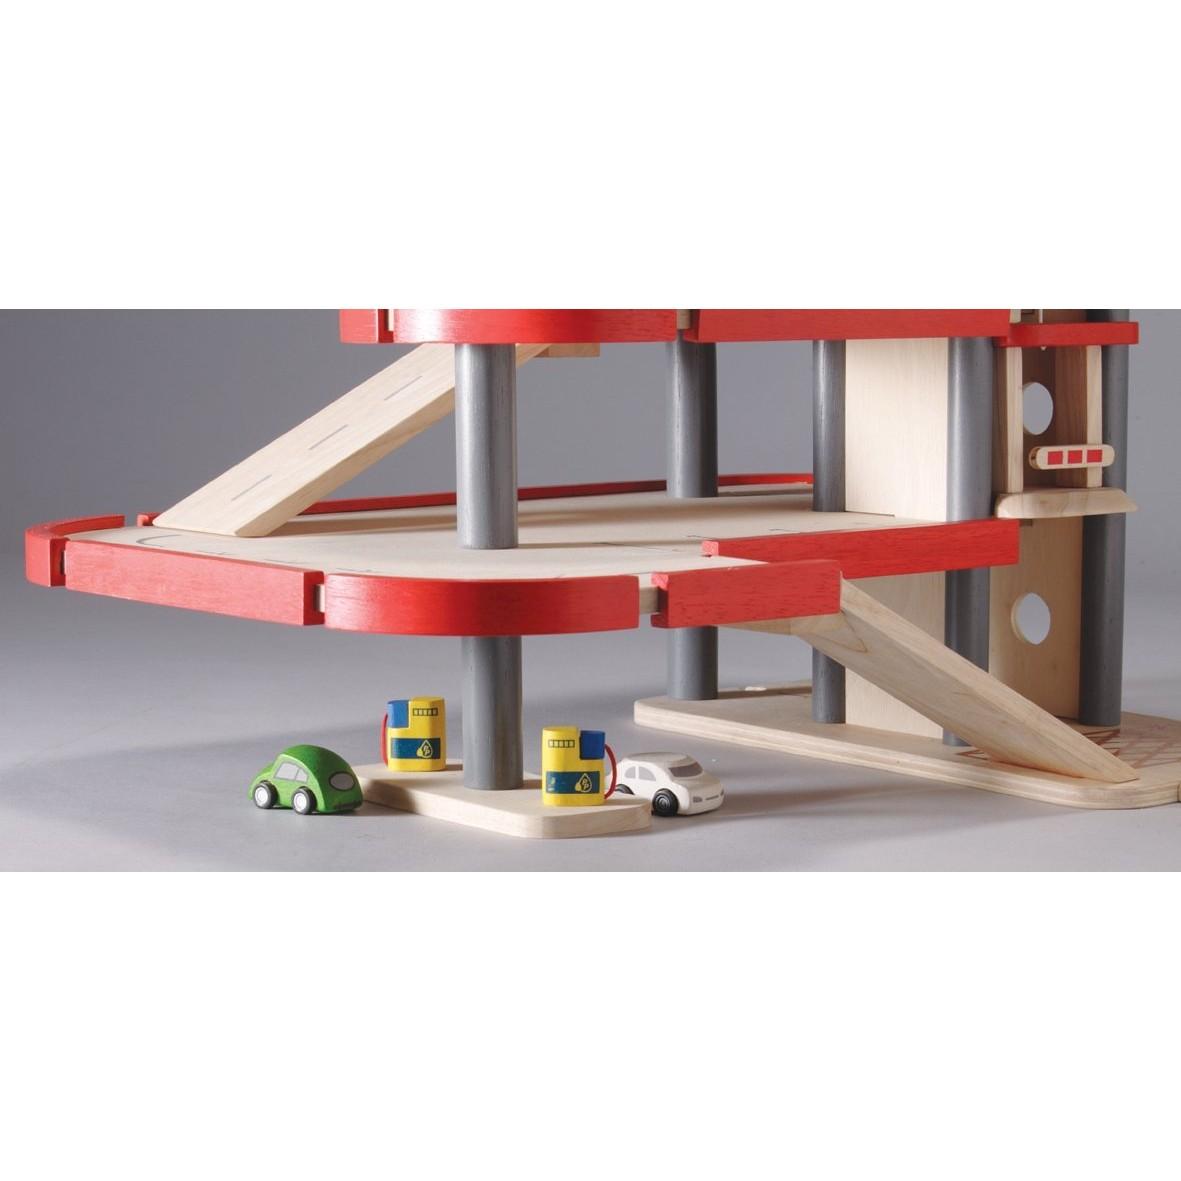 Plan toys parking garage 6227 for Toy garage plans free download